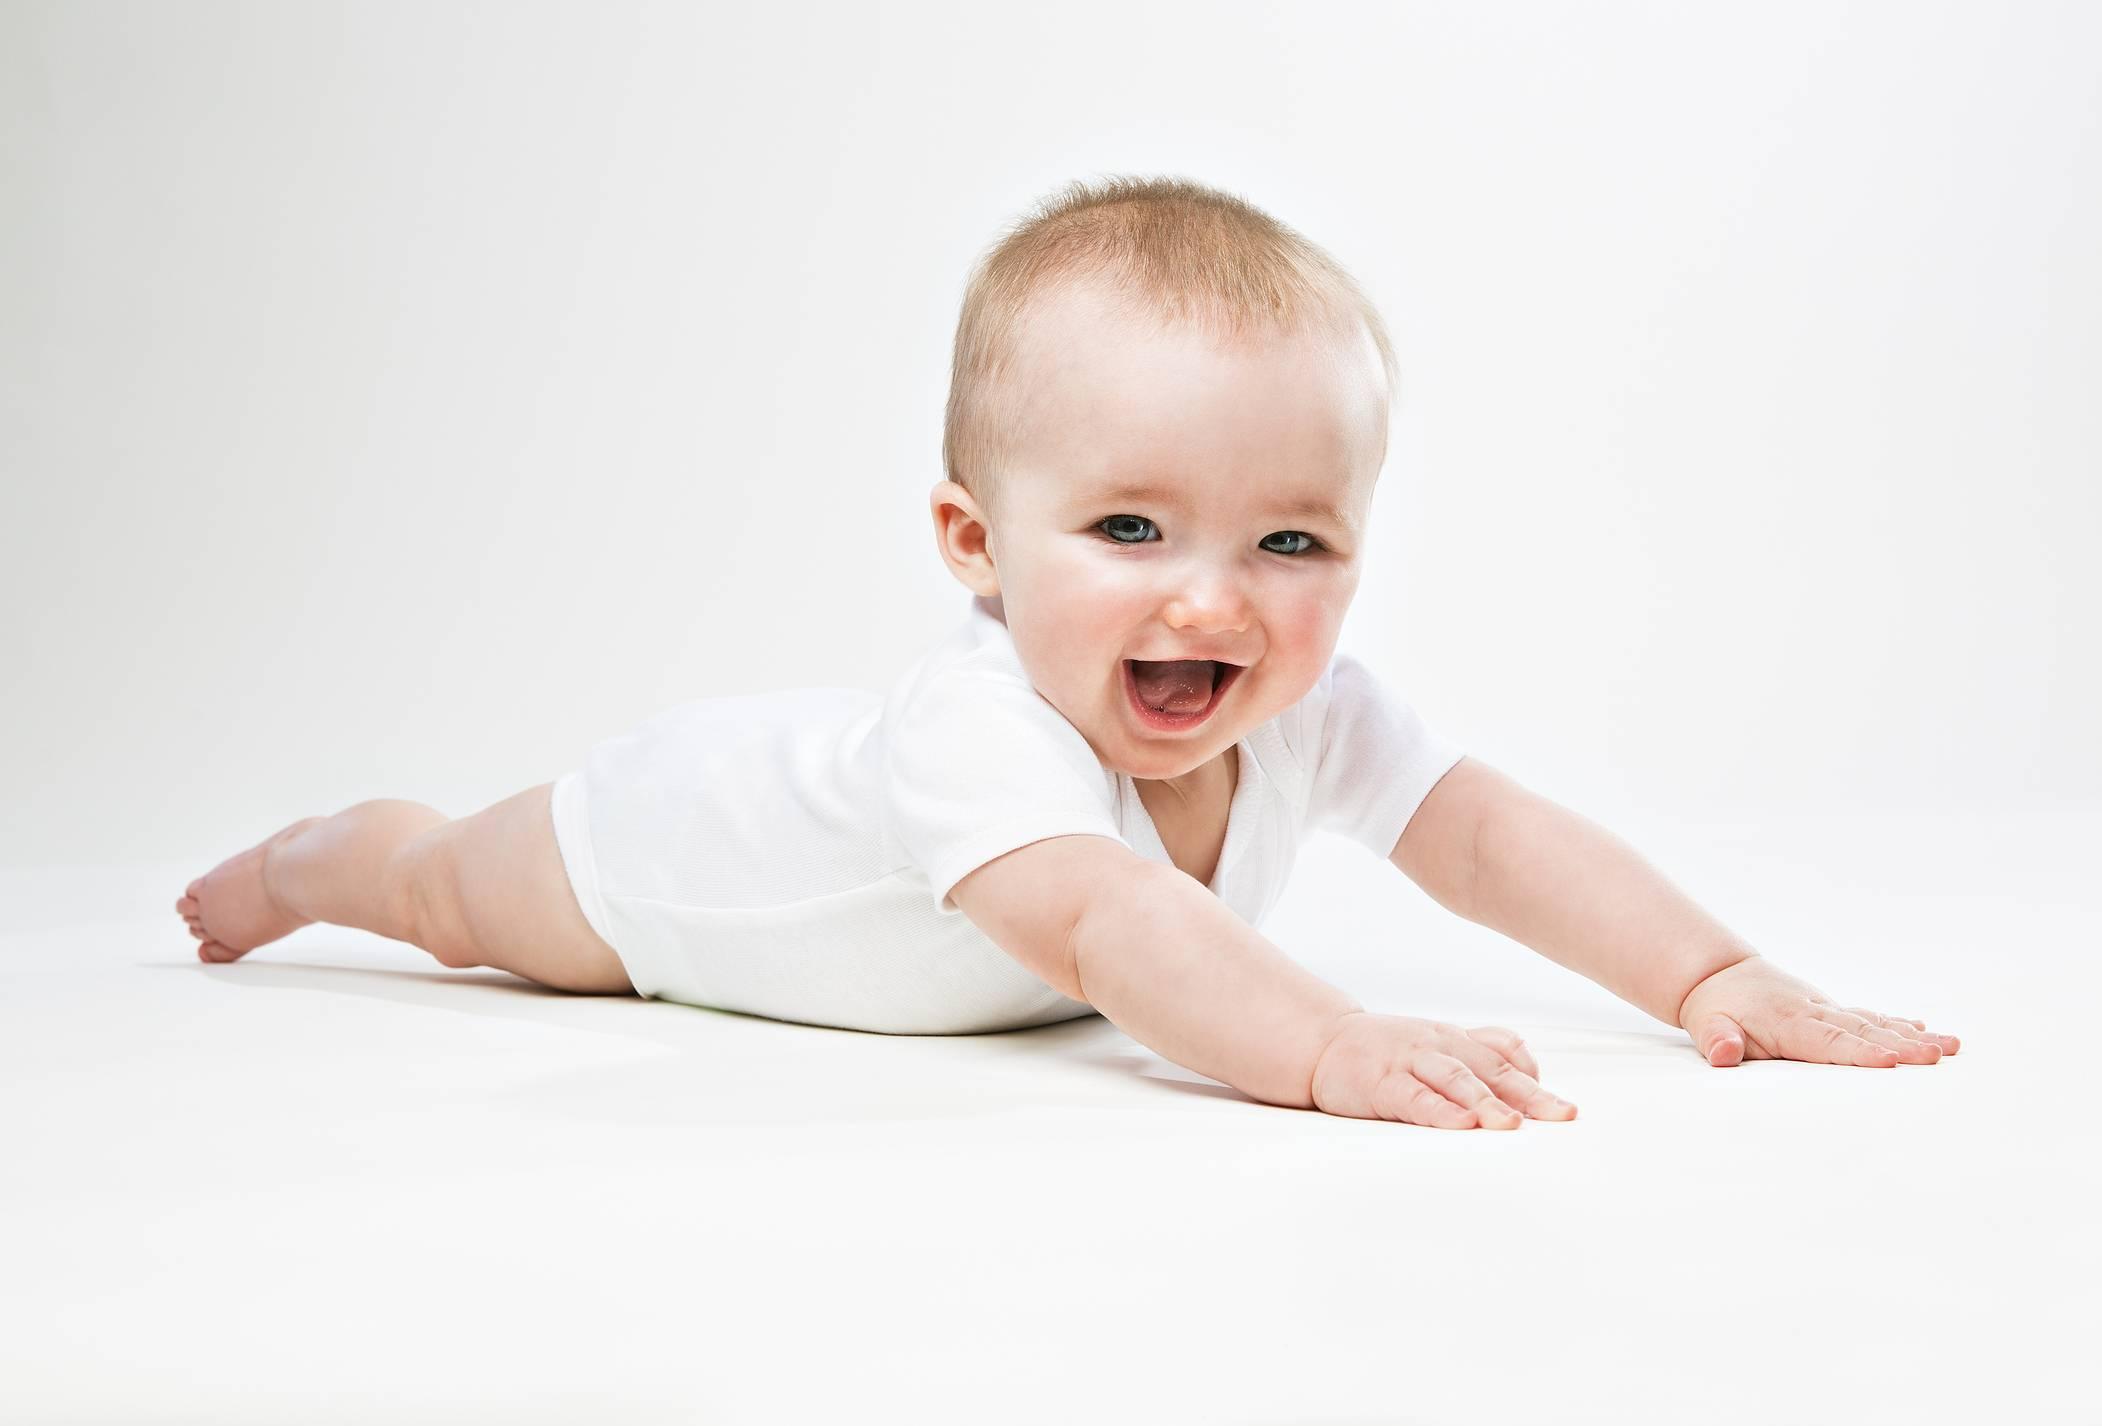 Девочки,бью тревогу ребенку 7 месяцев он не садится и не ползает(